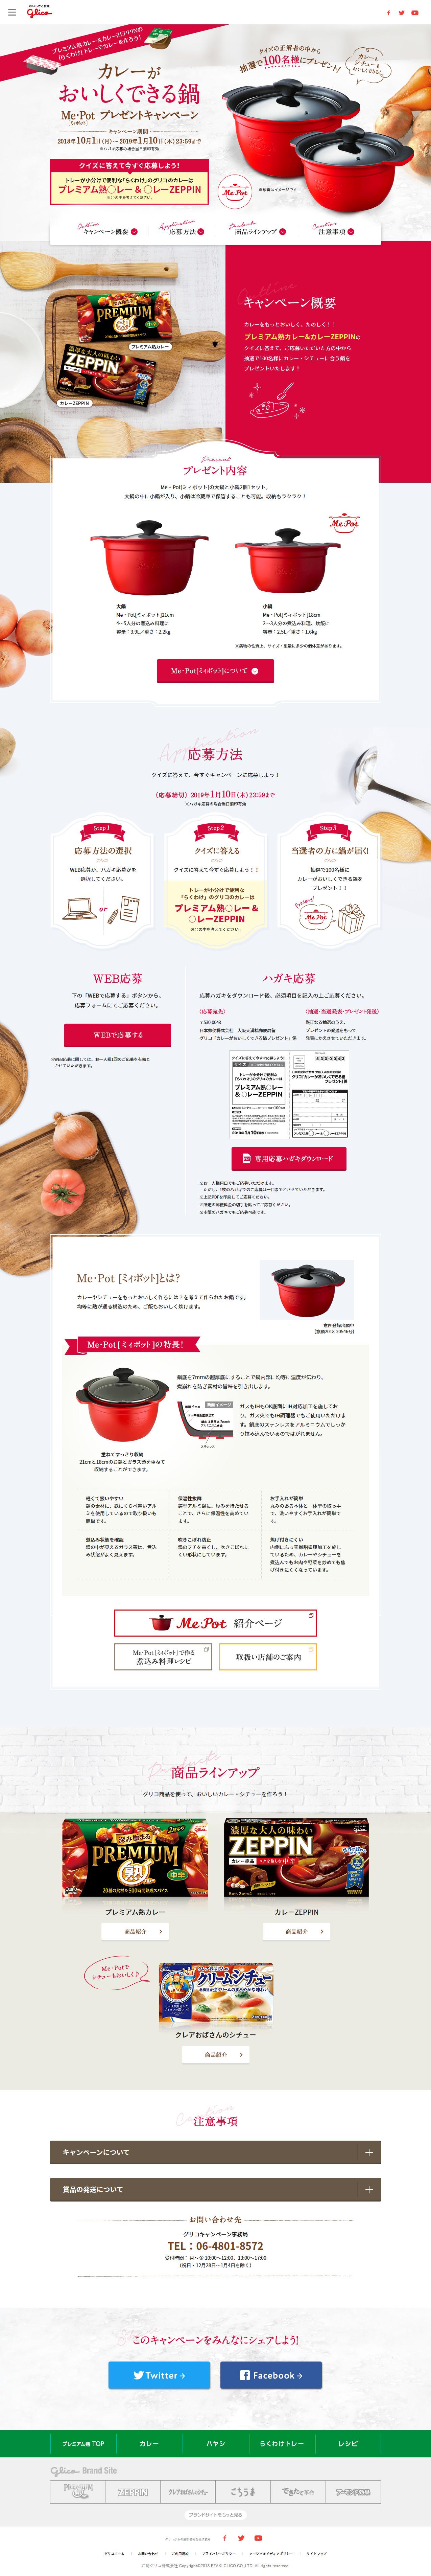 カレーがおいしくできる鍋プレゼントキャンペーン